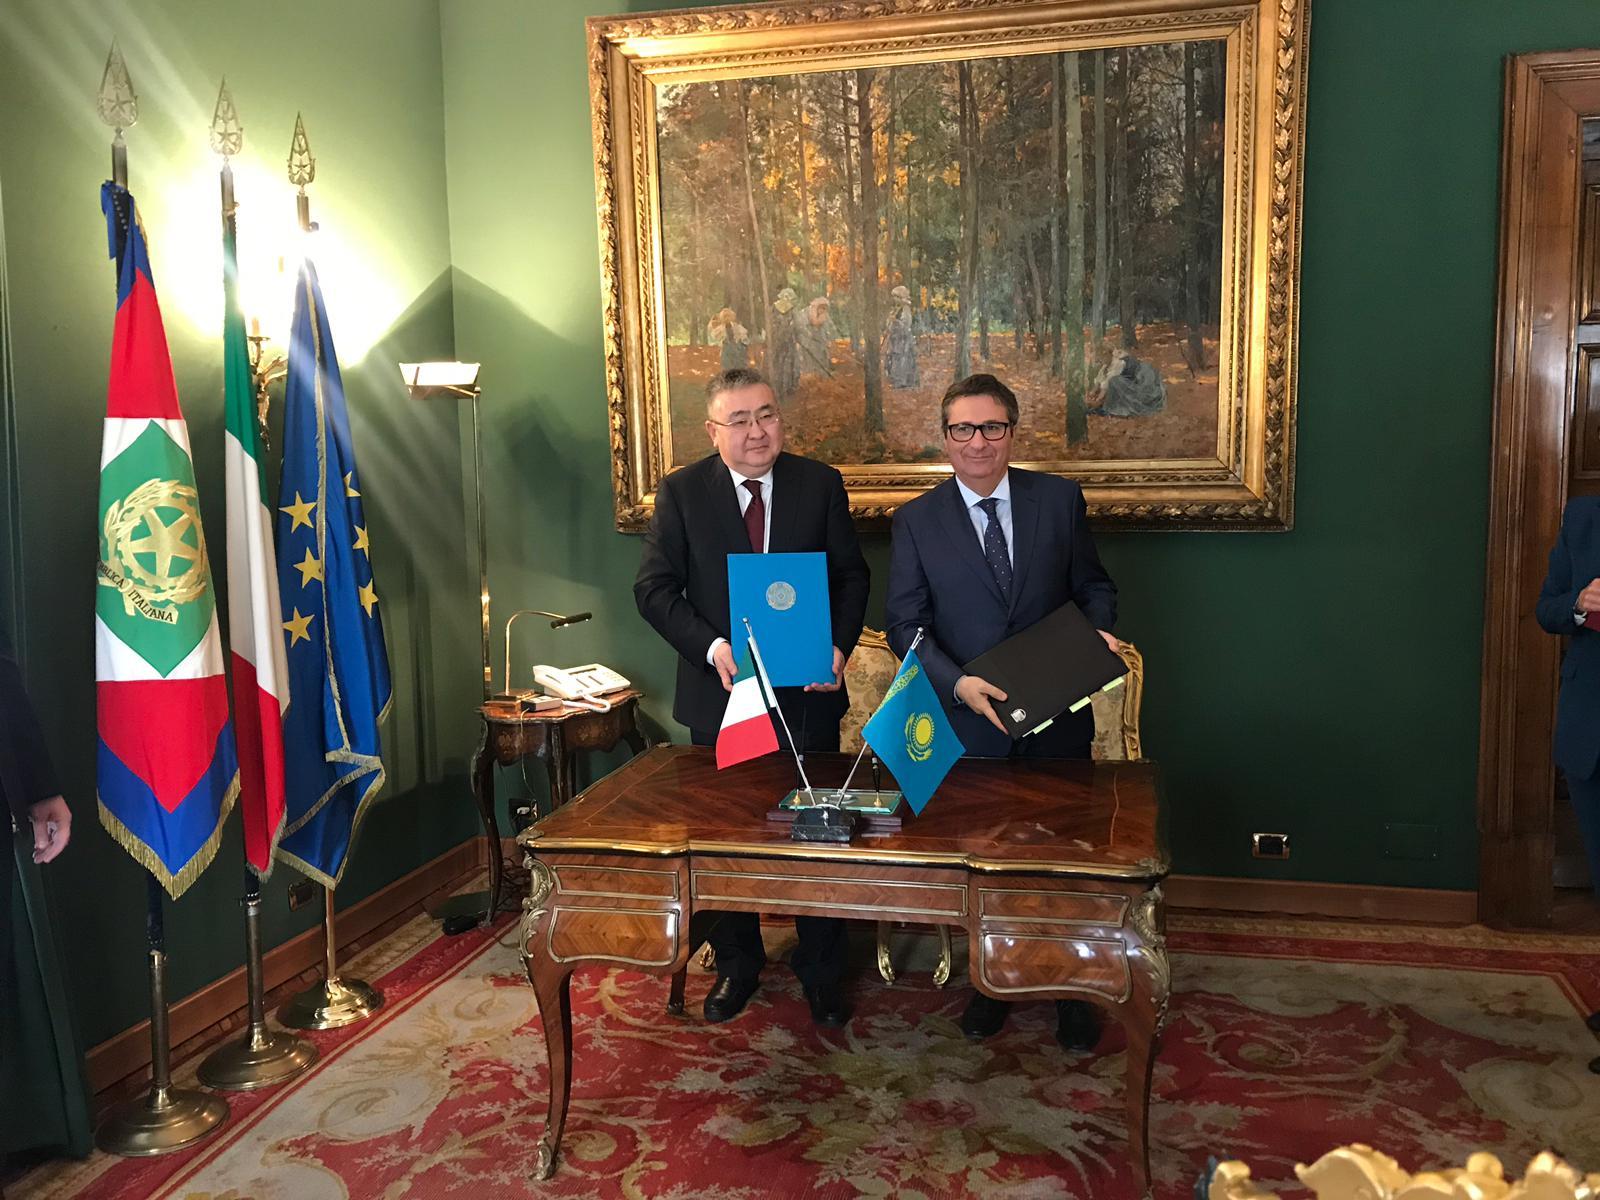 Казахстан и Италия будут совместно готовить и обучать судей